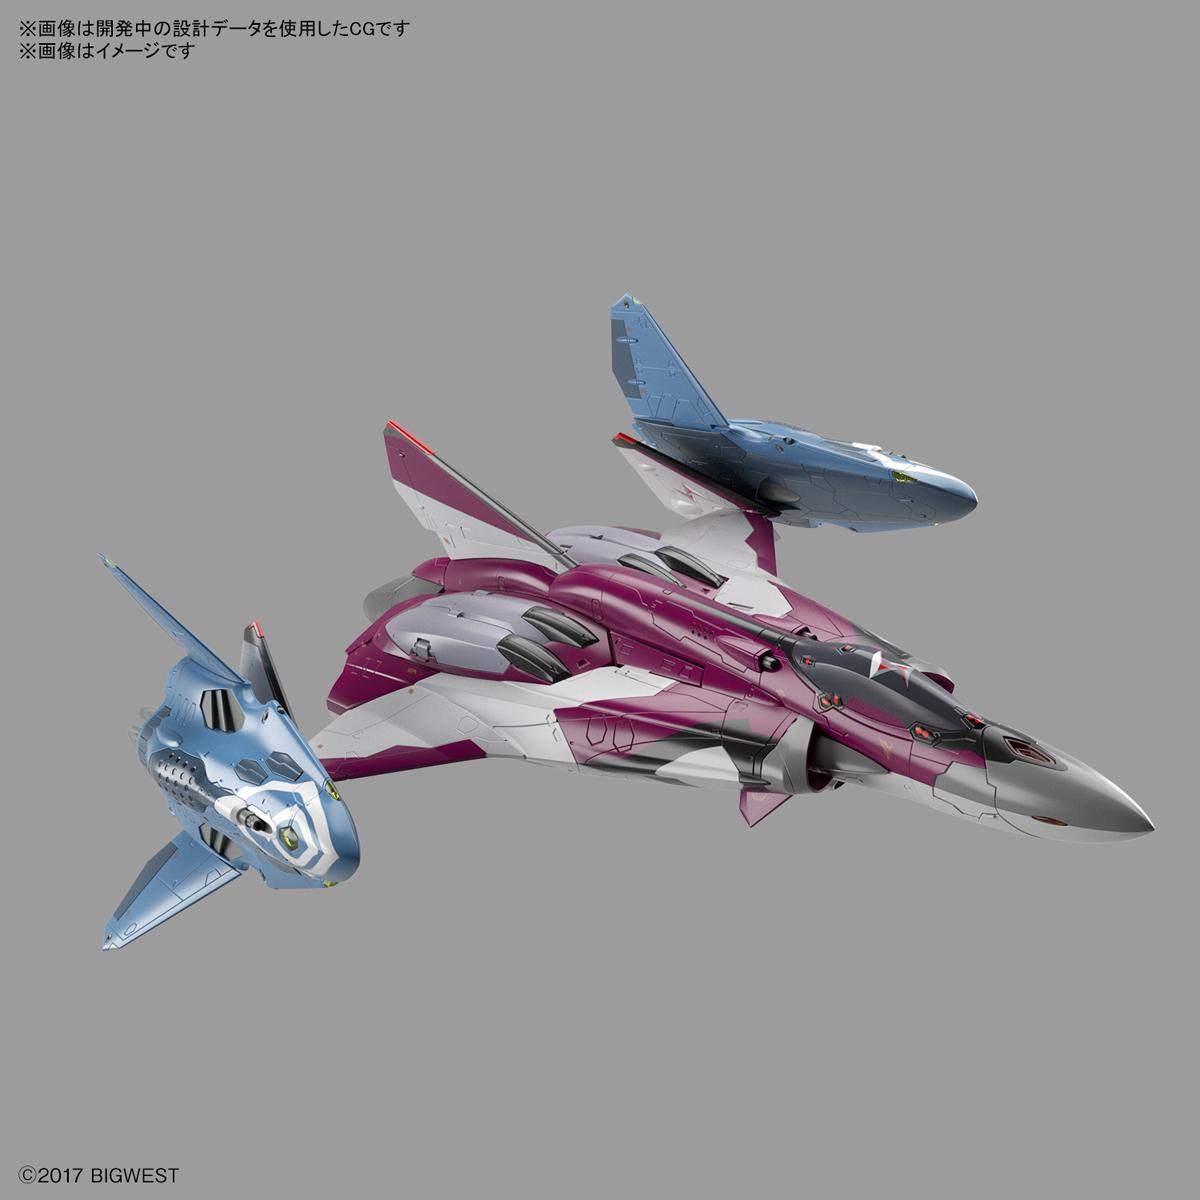 1/72『Sv-262HsドラケンIII/リル・ドラケン装備(ミラージュ・ファリーナ・ジーナス搭乗機)』マクロスΔ プラモデル-001